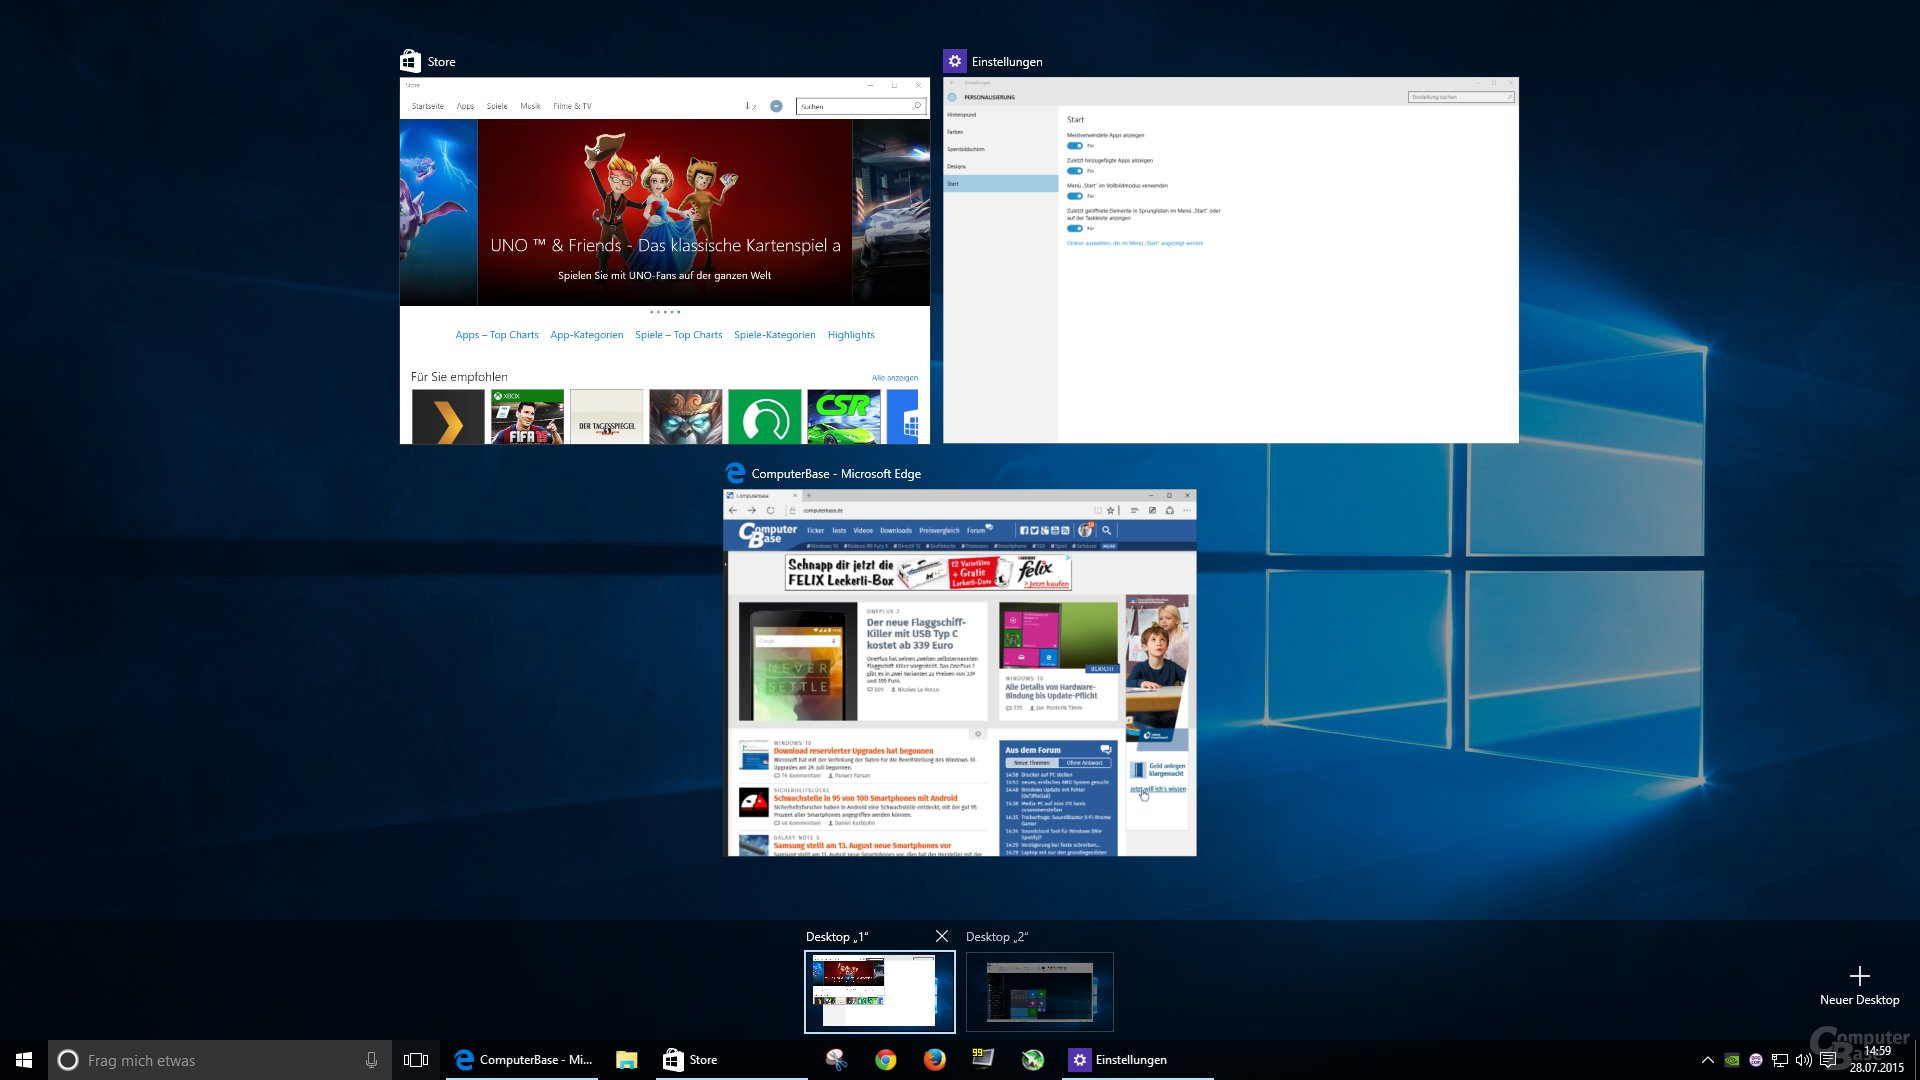 Zwei virtuelle Desktops mit einmal drei und einmal einem Fenster